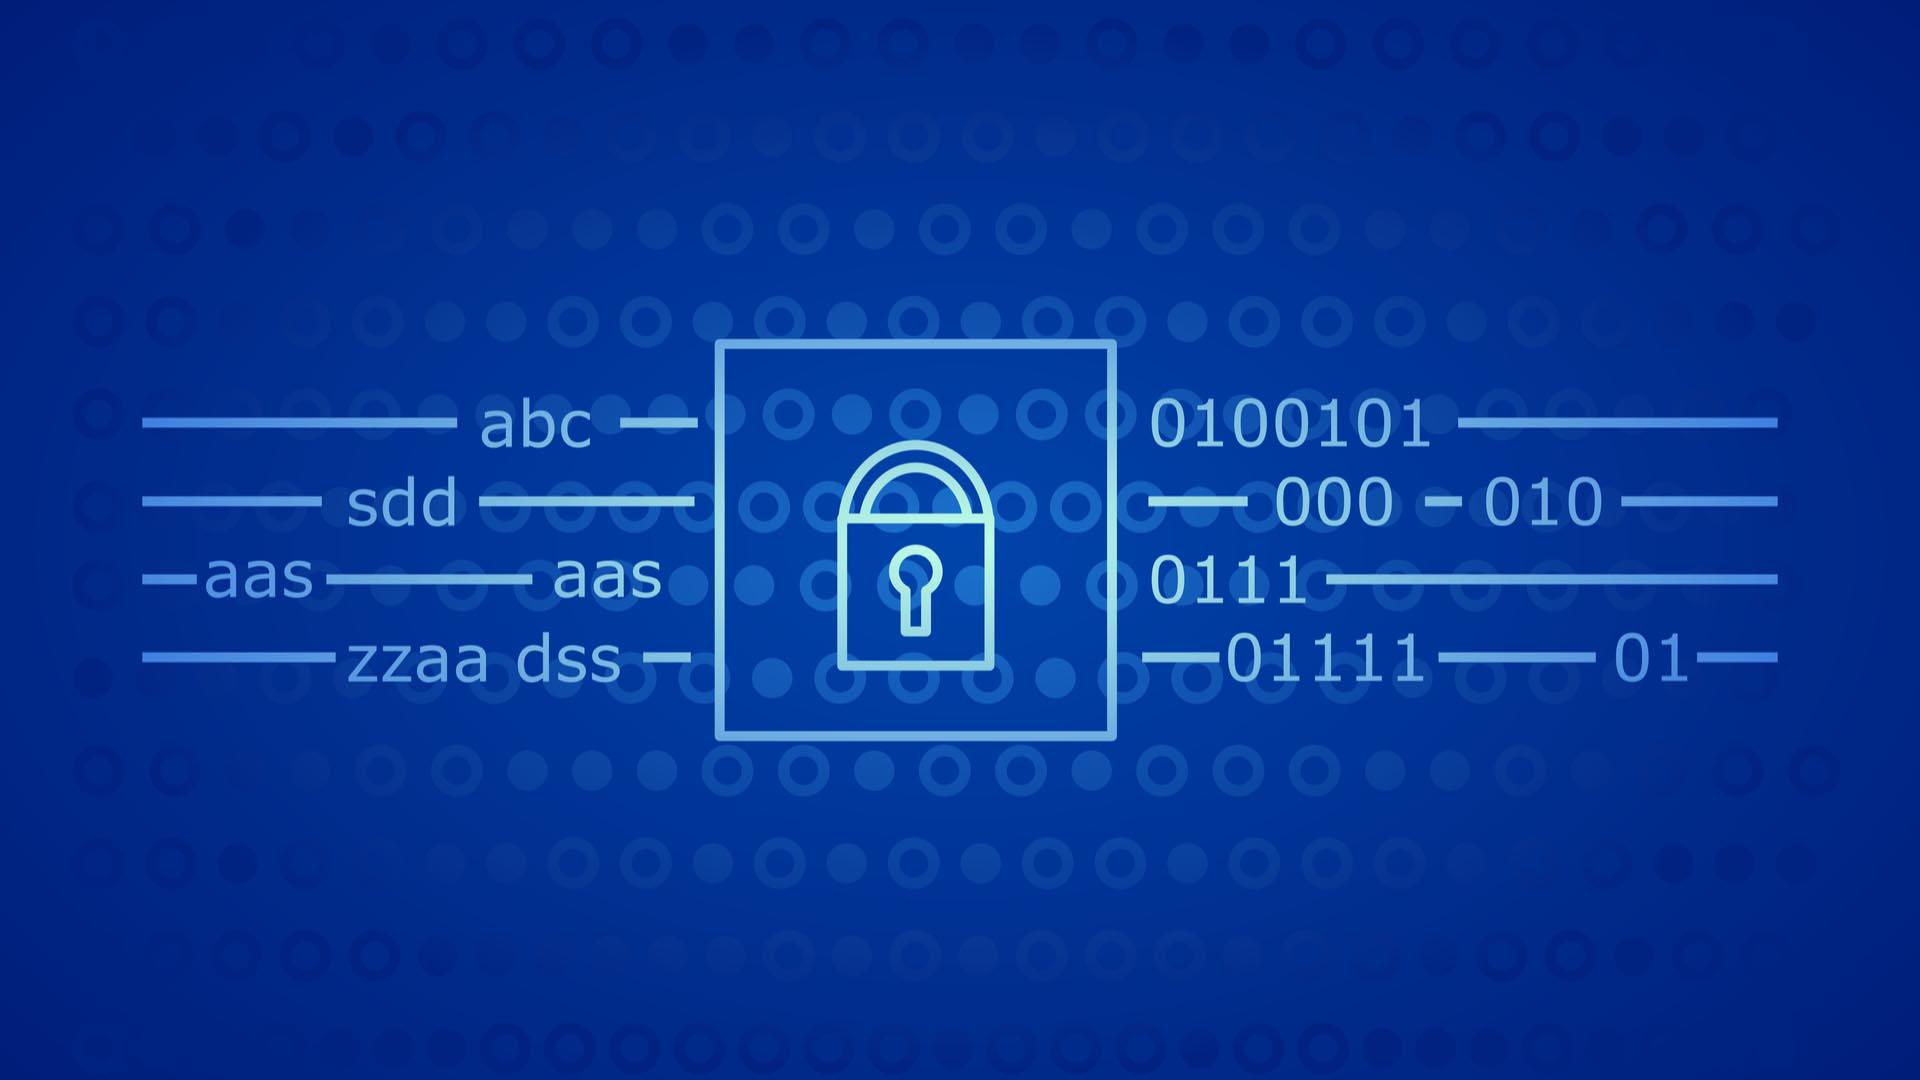 cybersecurity360.it - EverCrypt: un nuovo servizio crittografico (quasi) inattaccabile